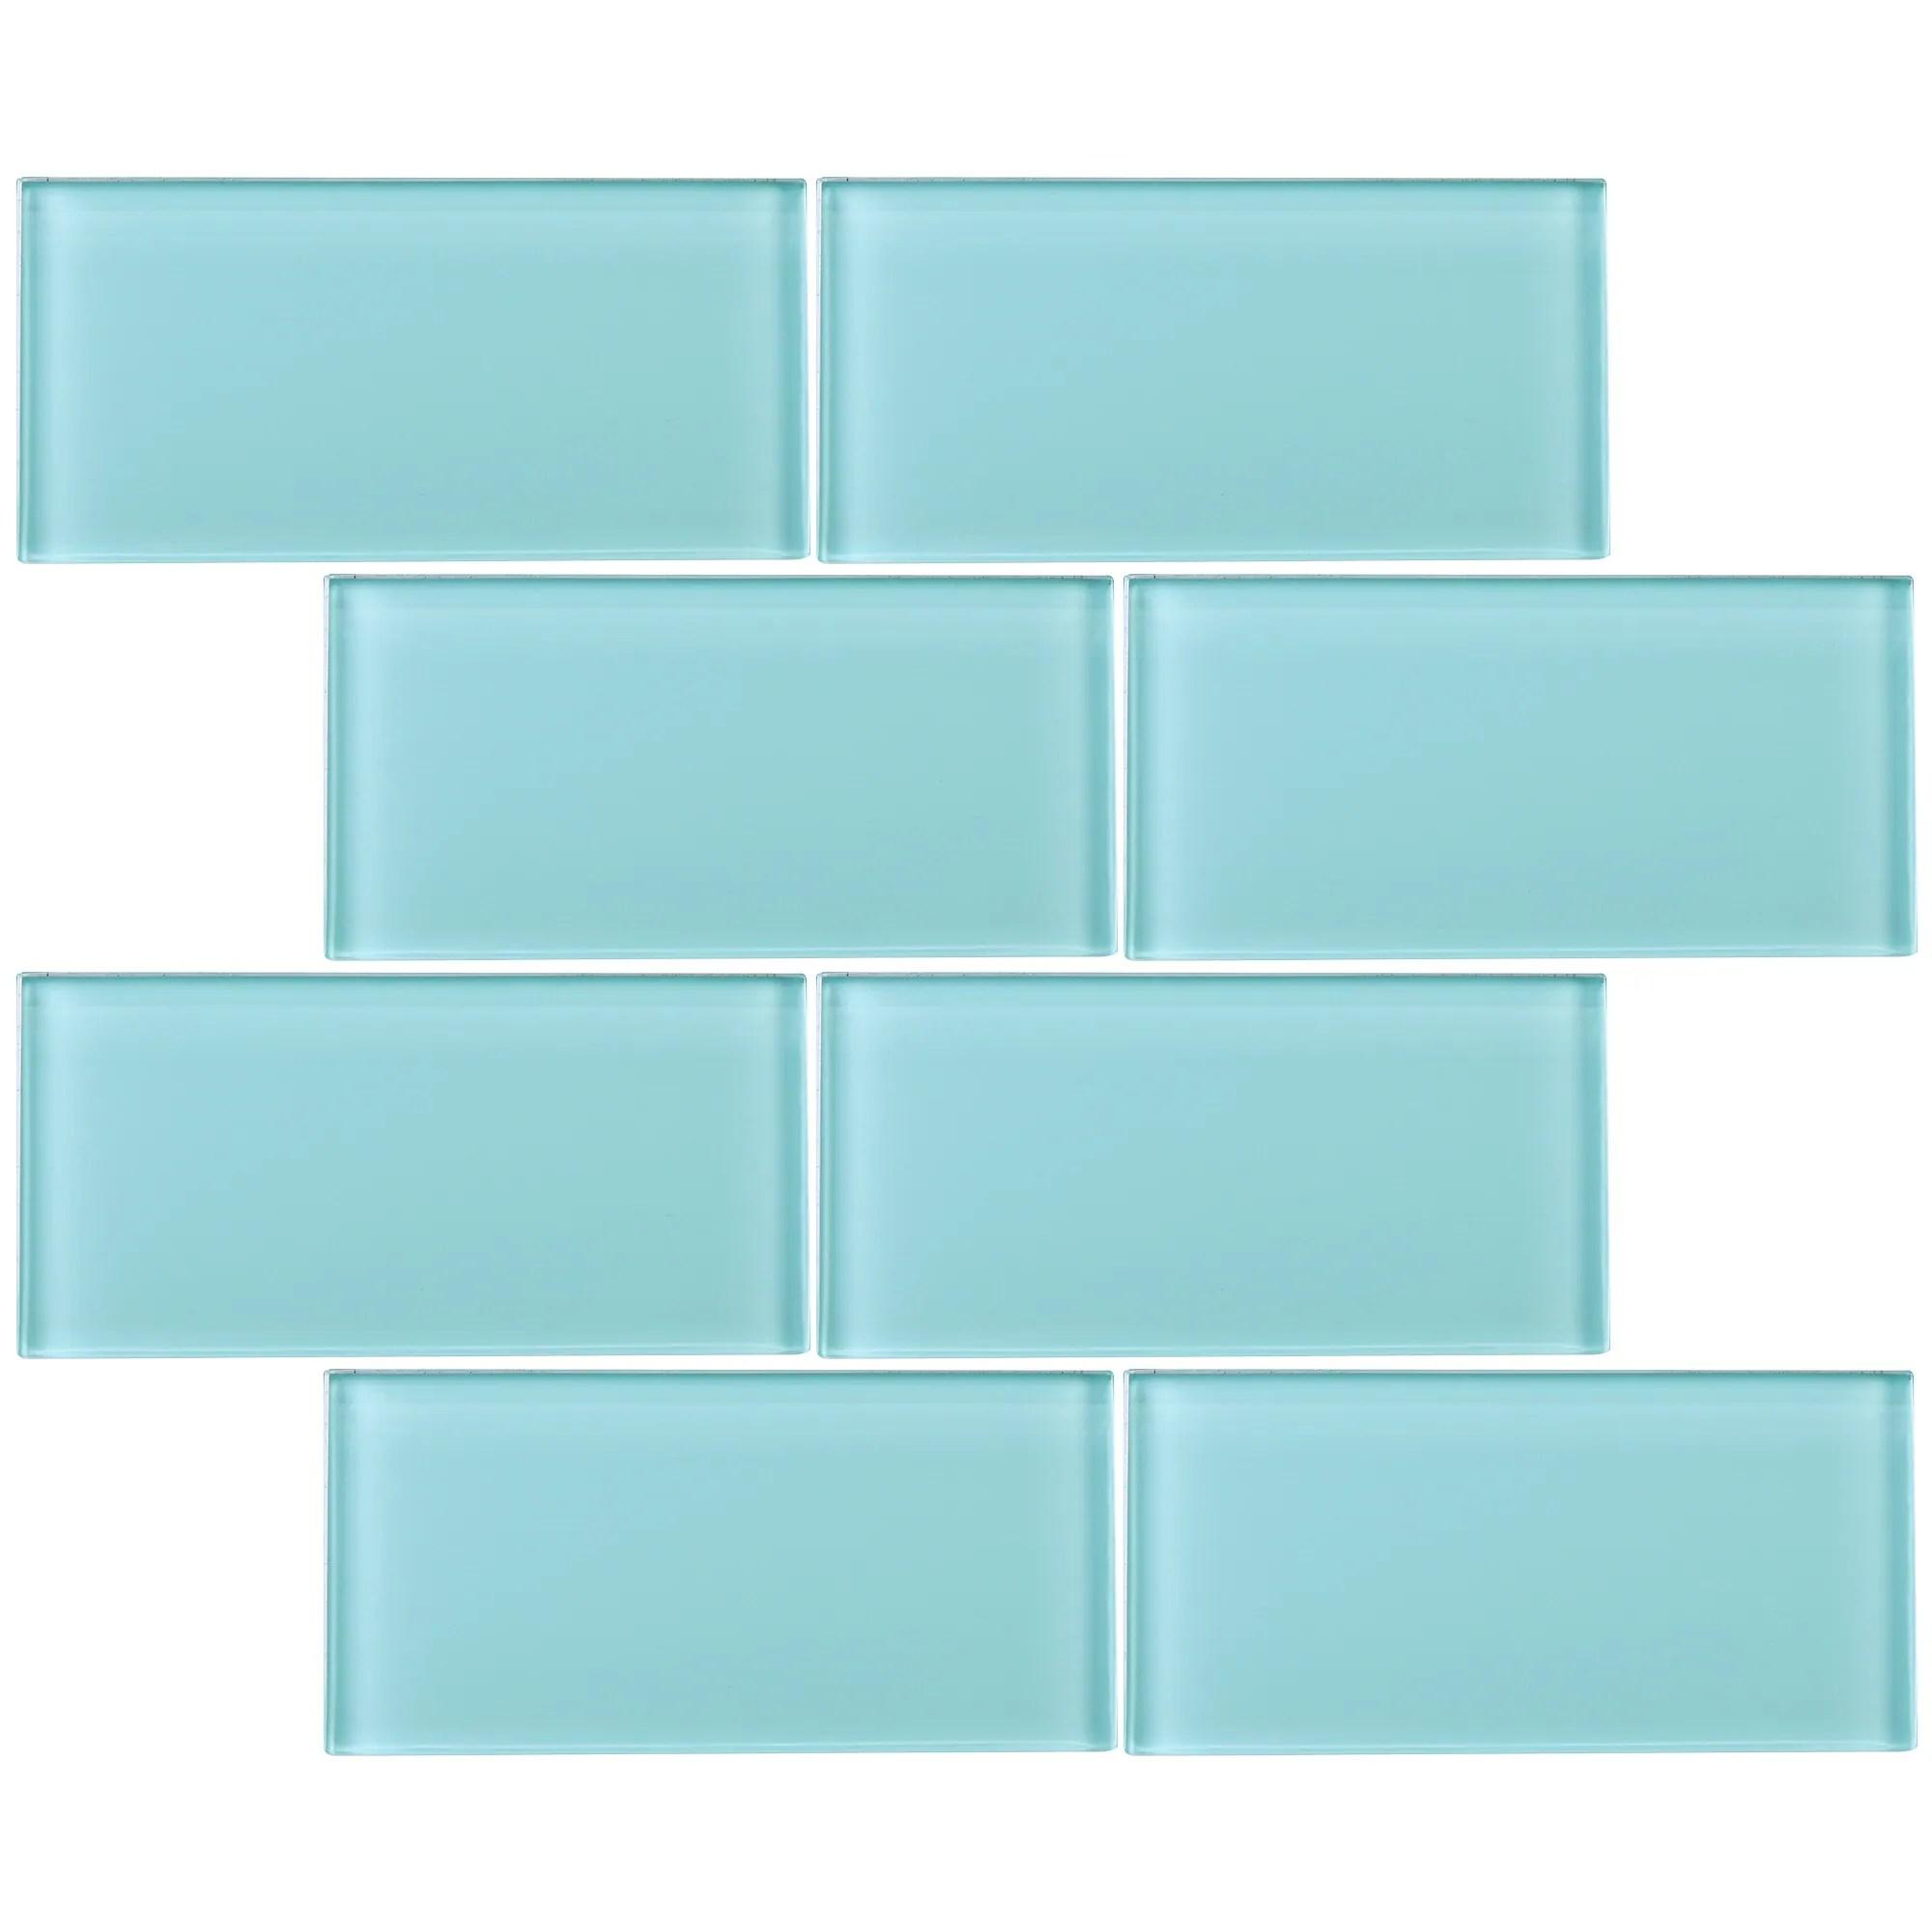 tilegen 3 x 6 glass subway tile in ocean blue wall tile 80 tiles 10sqft